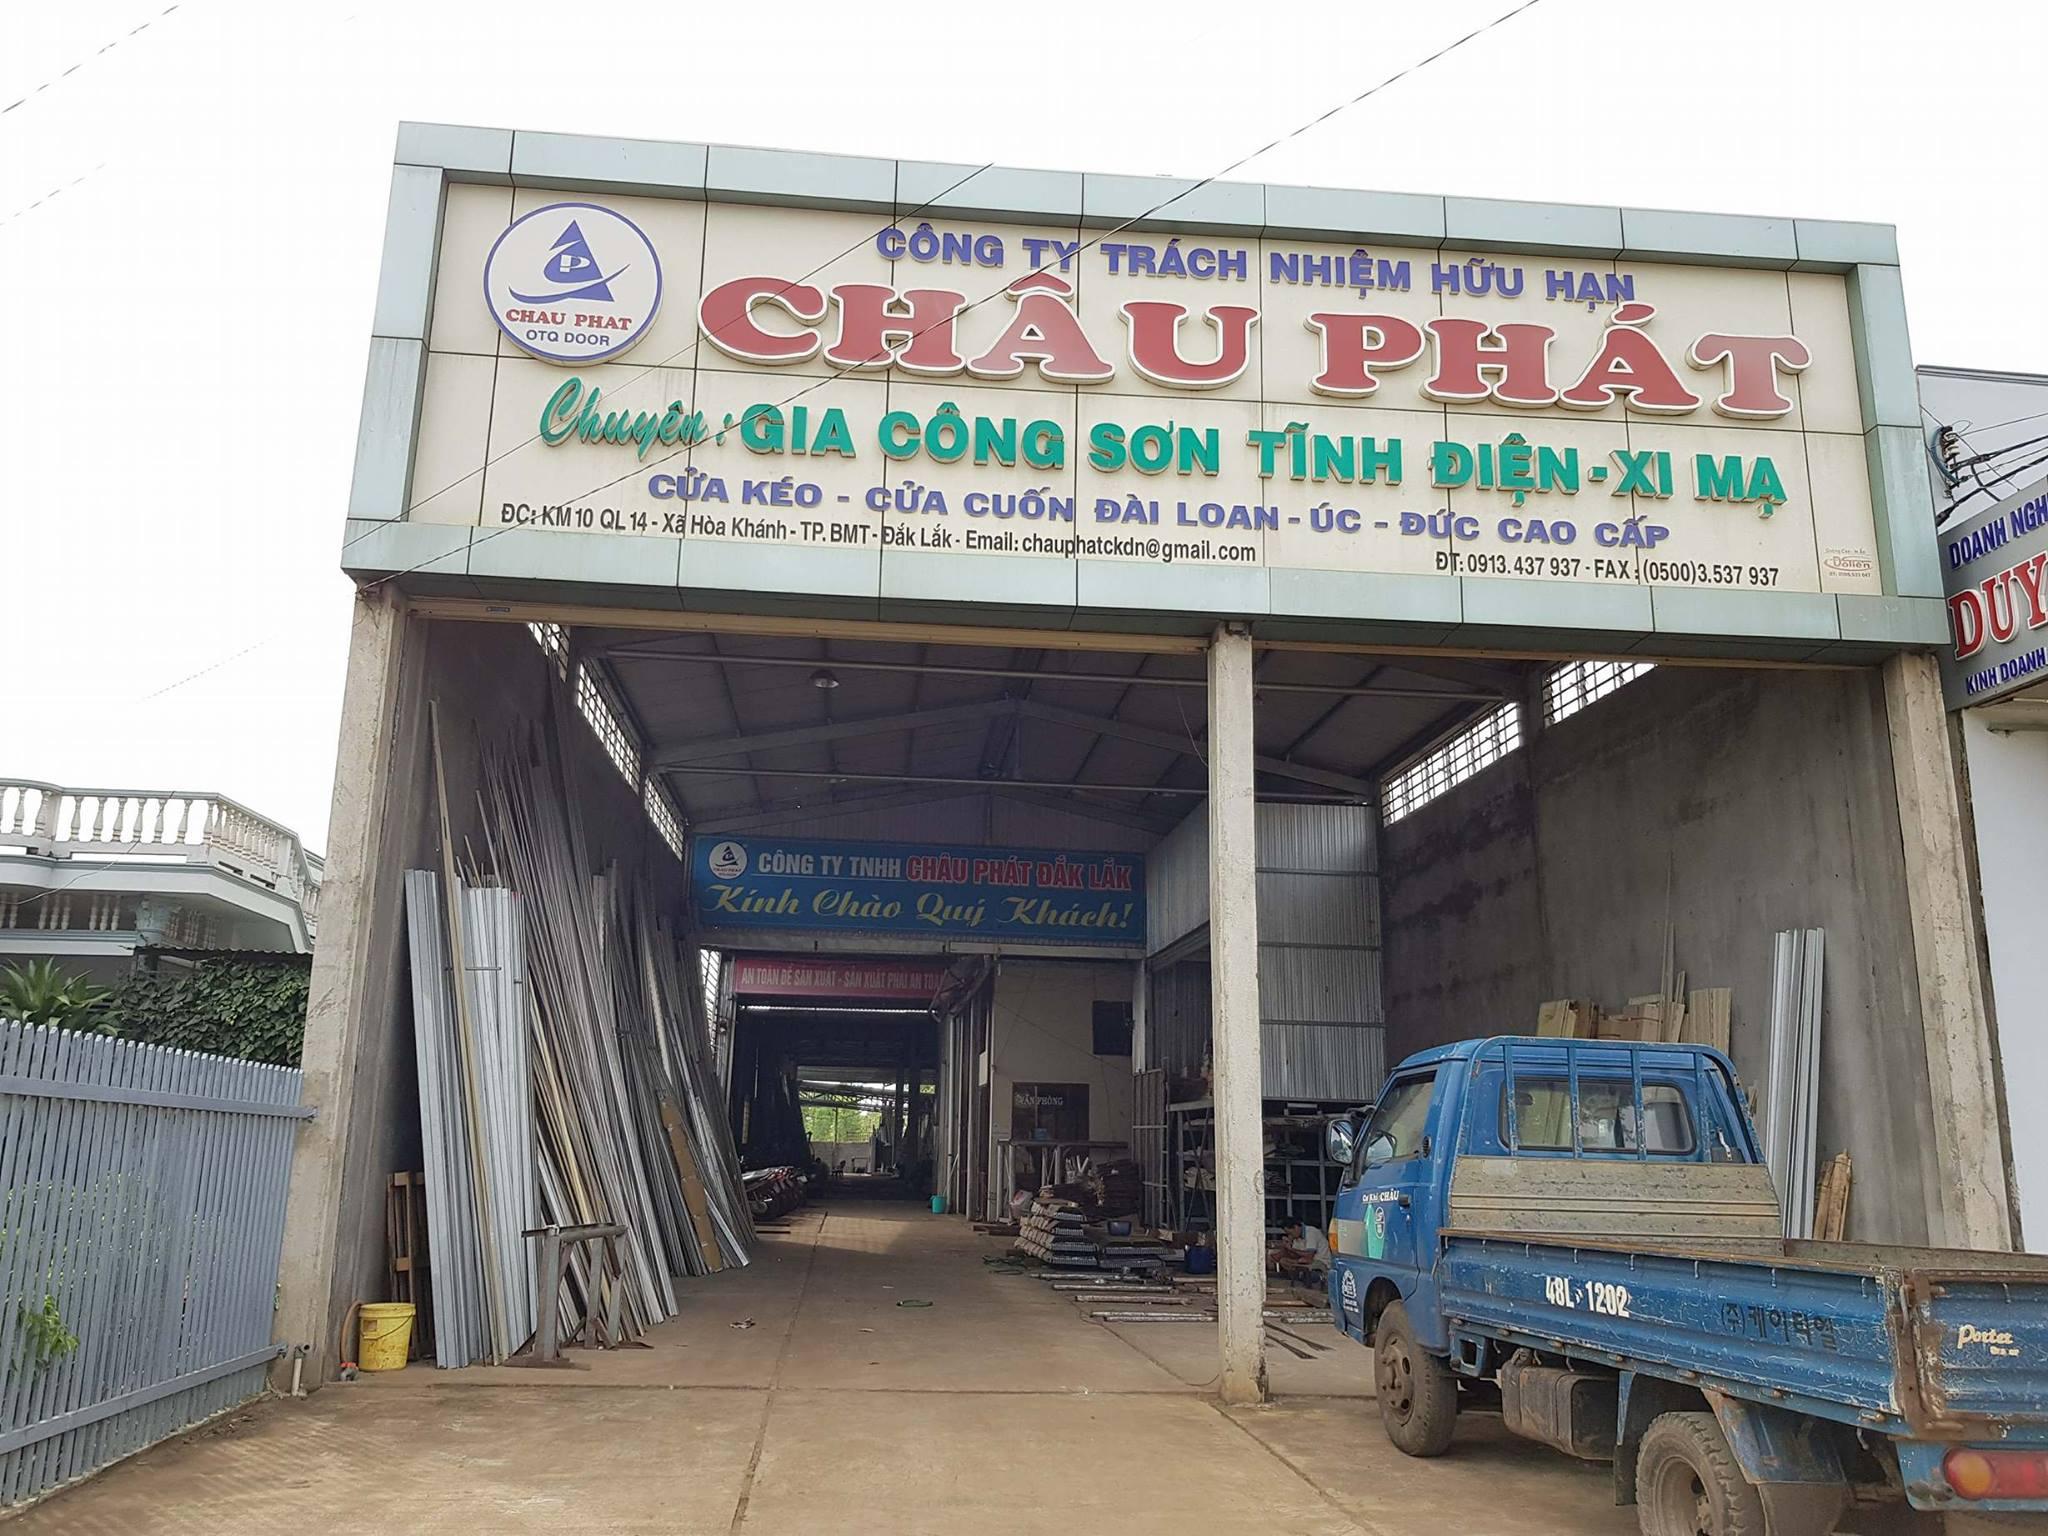 Lắp đặt cửa kéo, cửa cuốn Đài Loan, Đức, Úc; cửa cuốn khe thoáng Buôn Mê Thuột (BMT)